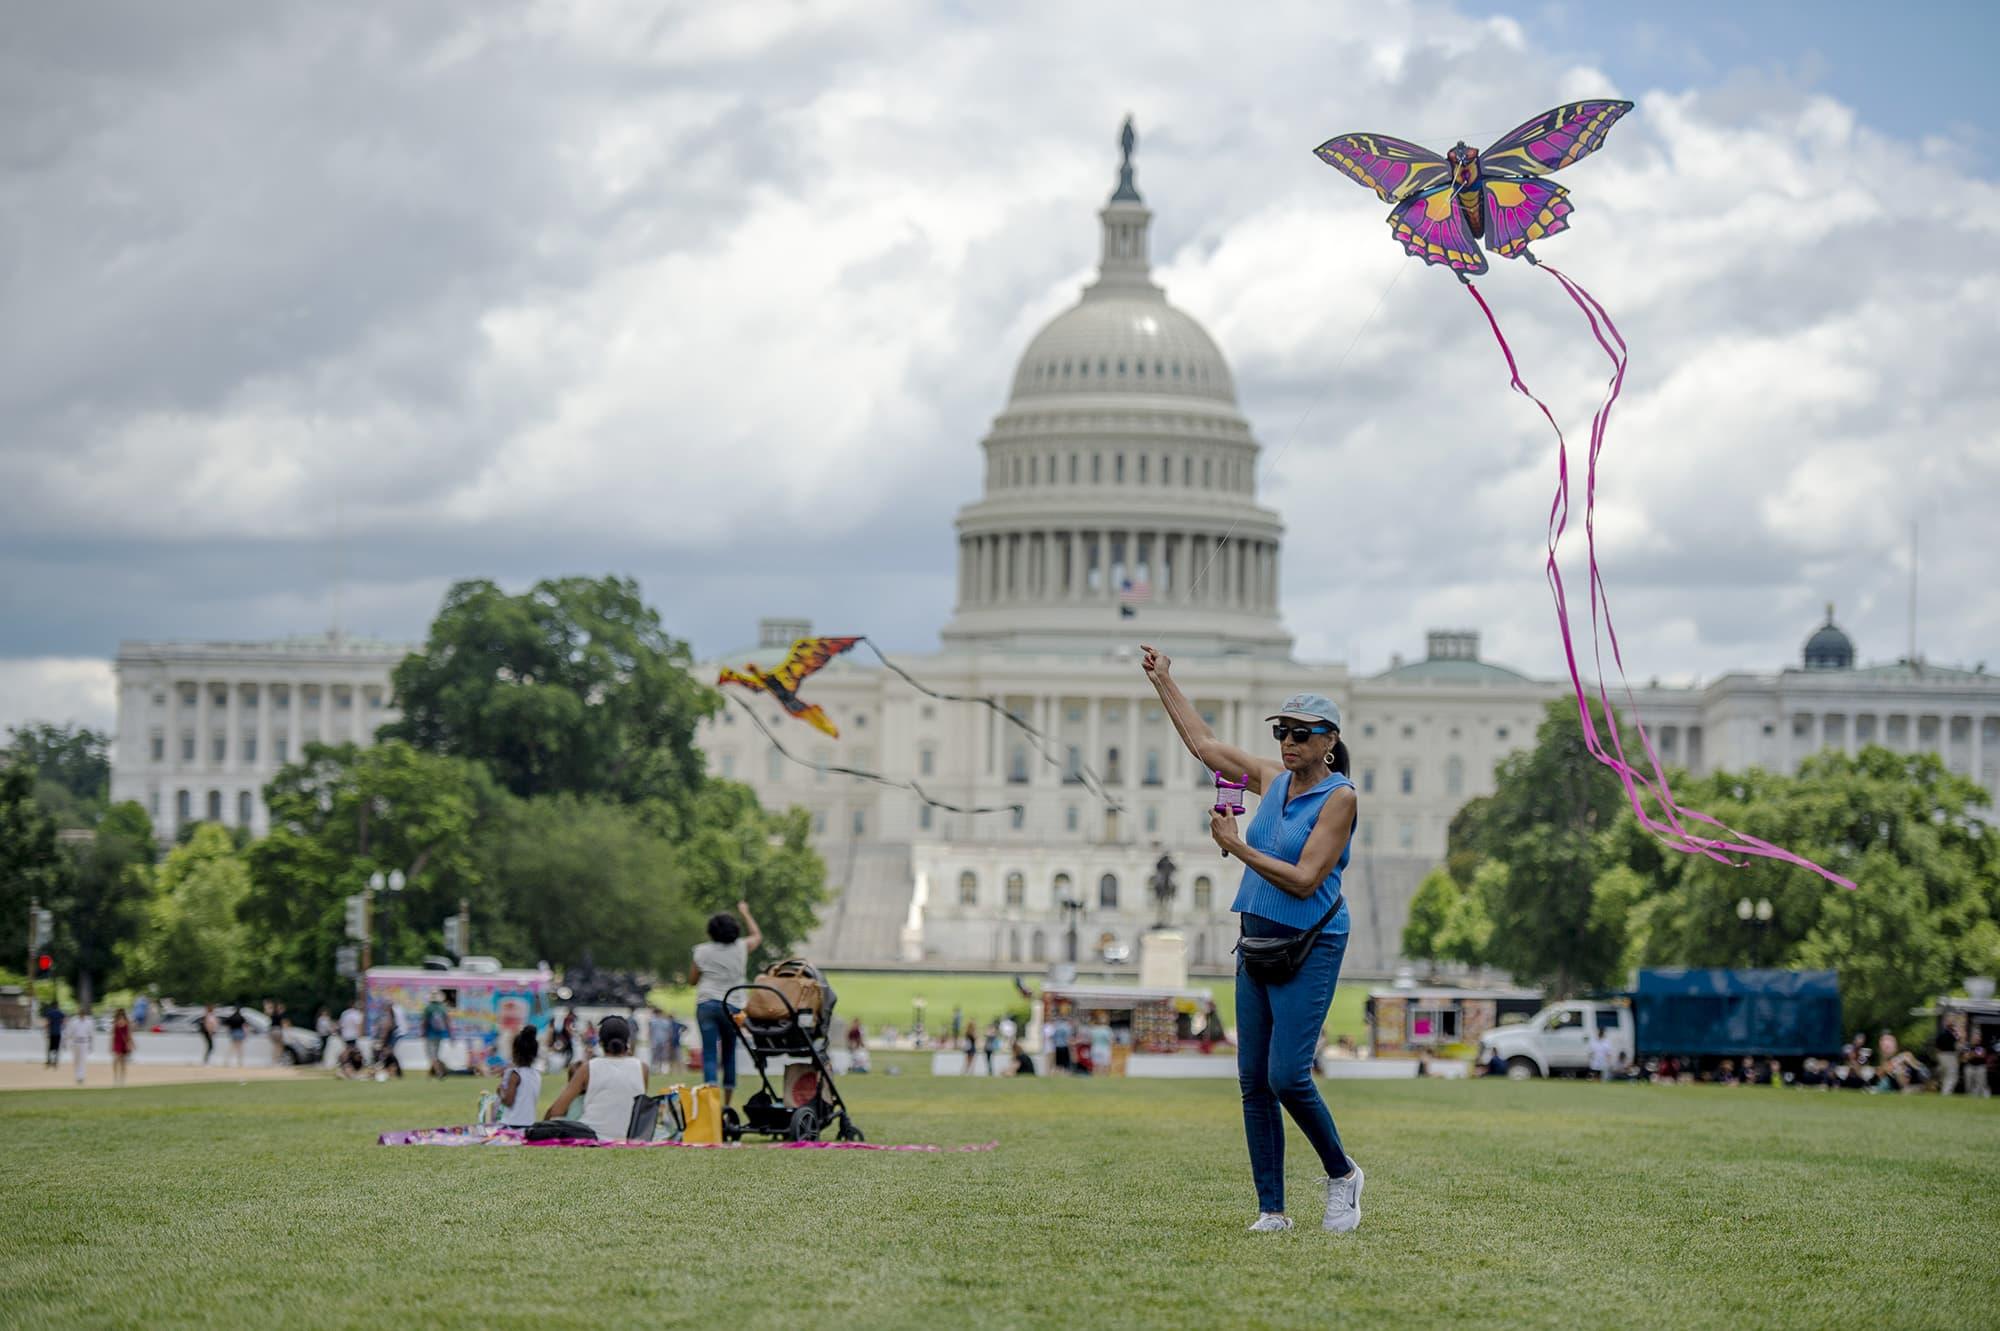 Nainen lennättää leijaa Yhdysvaltain kongressitalon edessä.